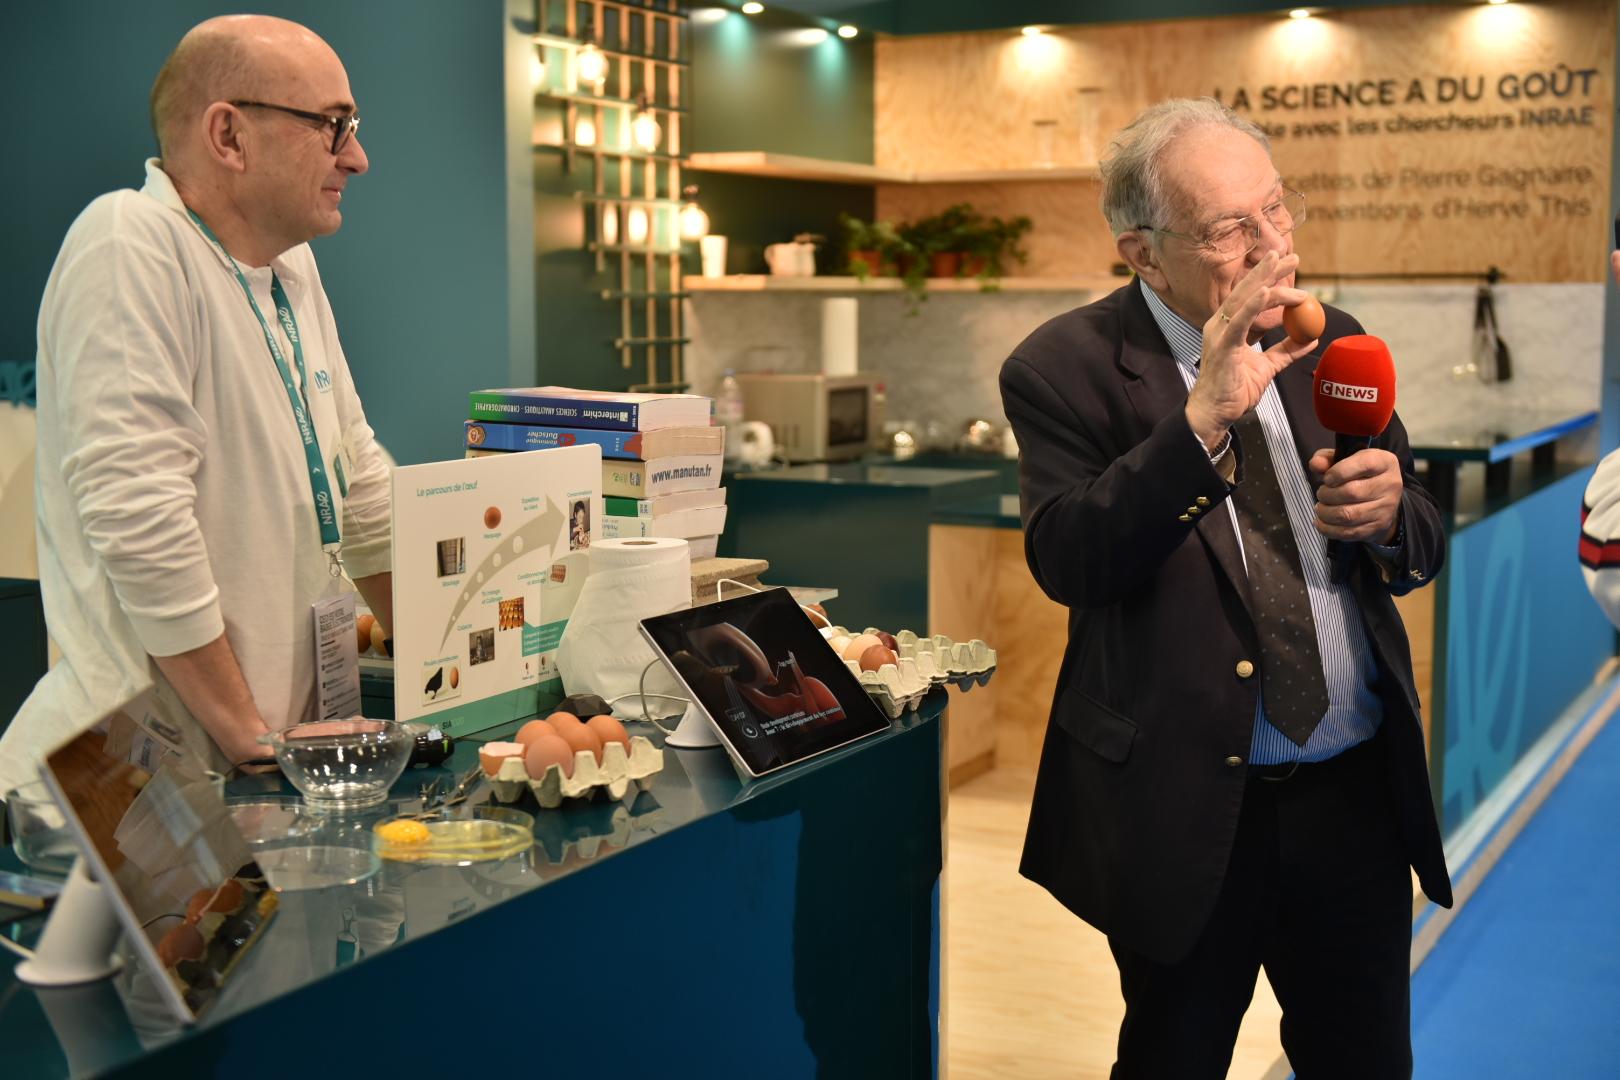 Michel Chevalet en direct sur le stand d'INRAE : entretien avec Joël Gautron